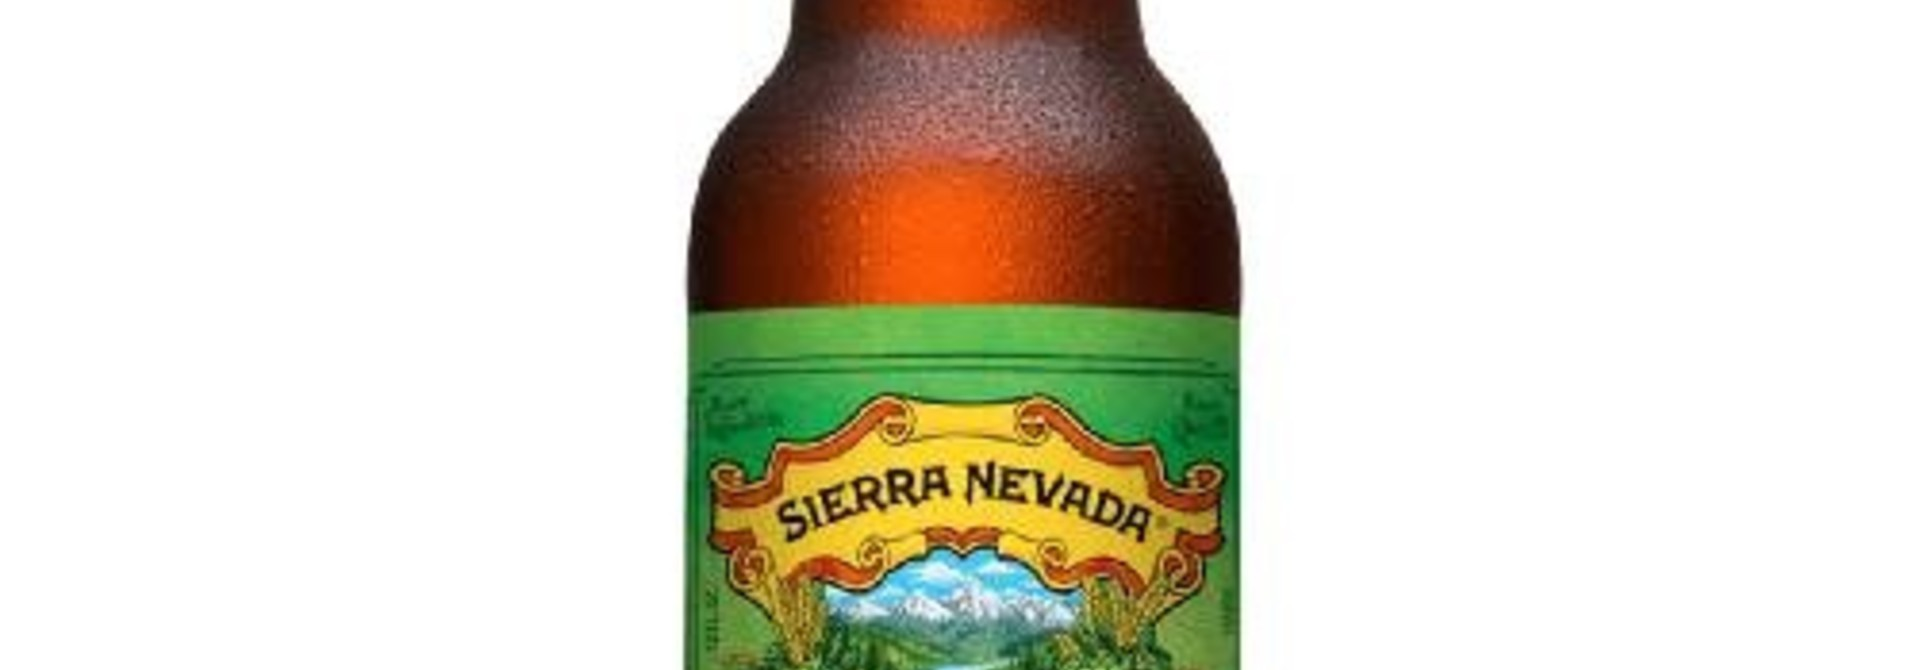 SIERRA NEVADA - PALE ALE 35.5CL